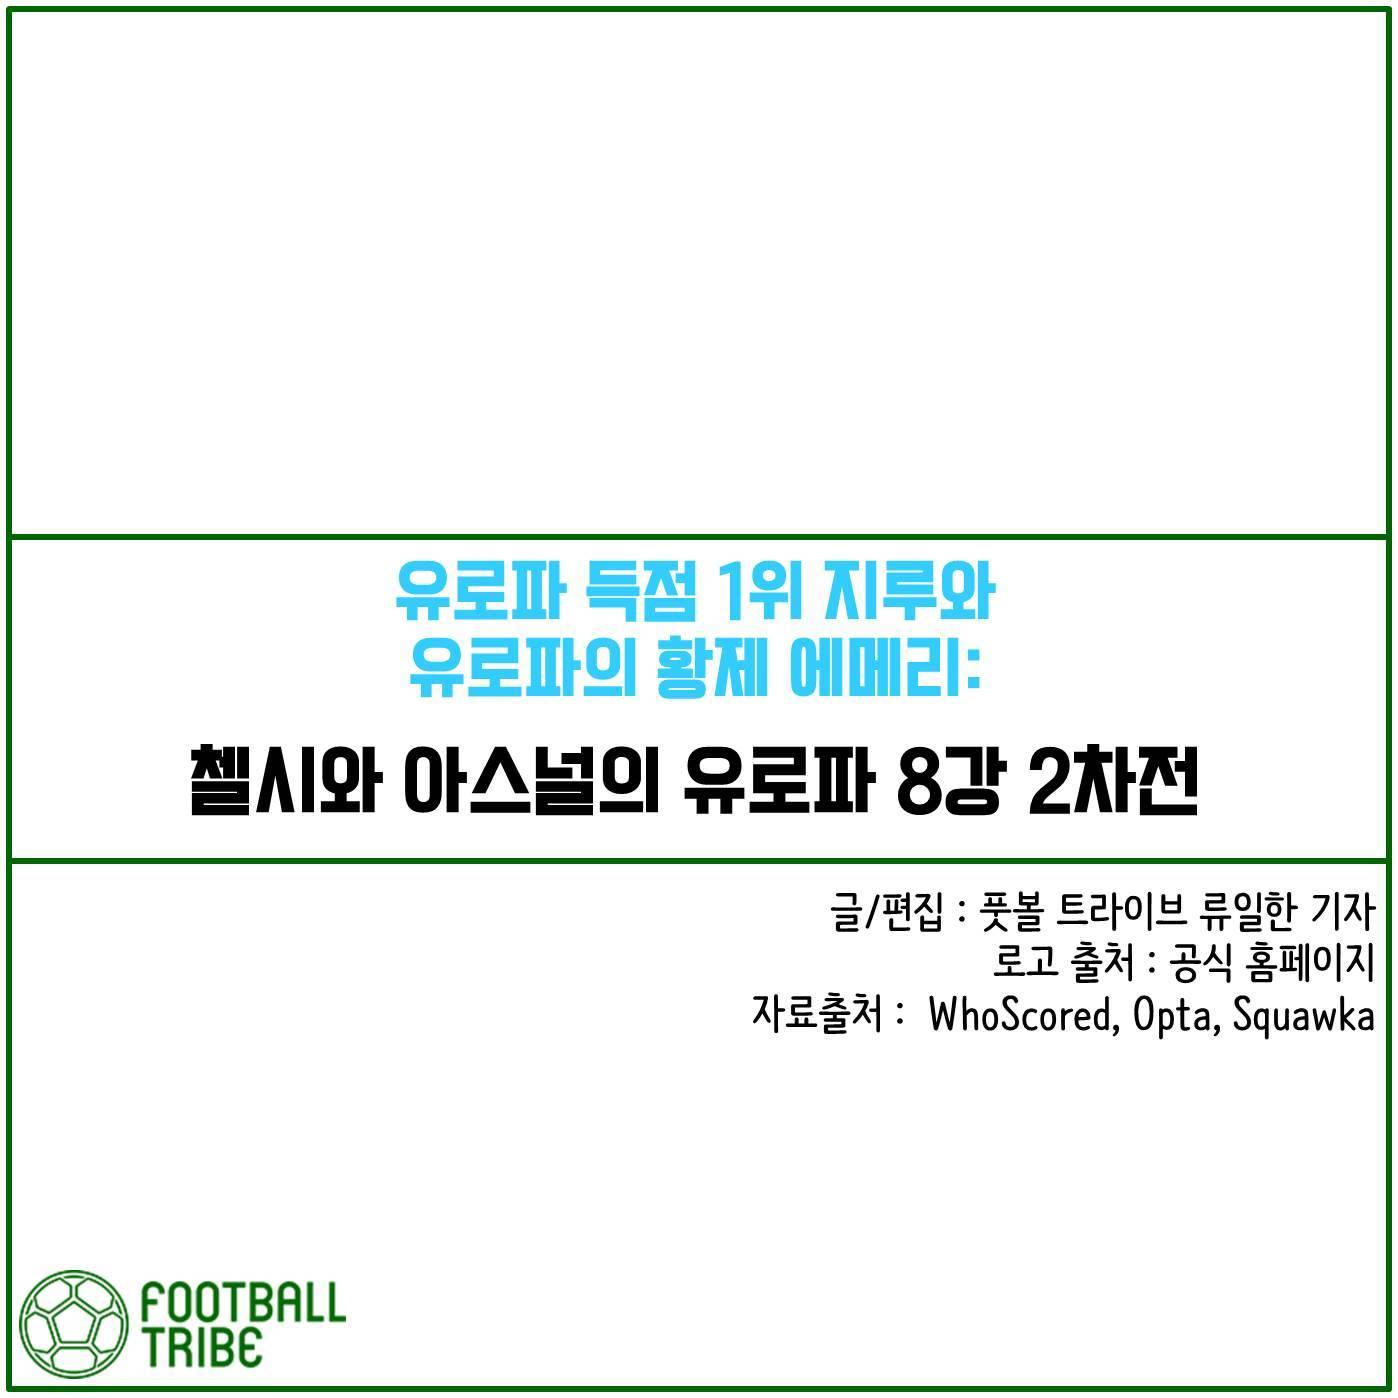 [카드 뉴스] 유로파 8강 2차전, 첼시와 아스널의 하루